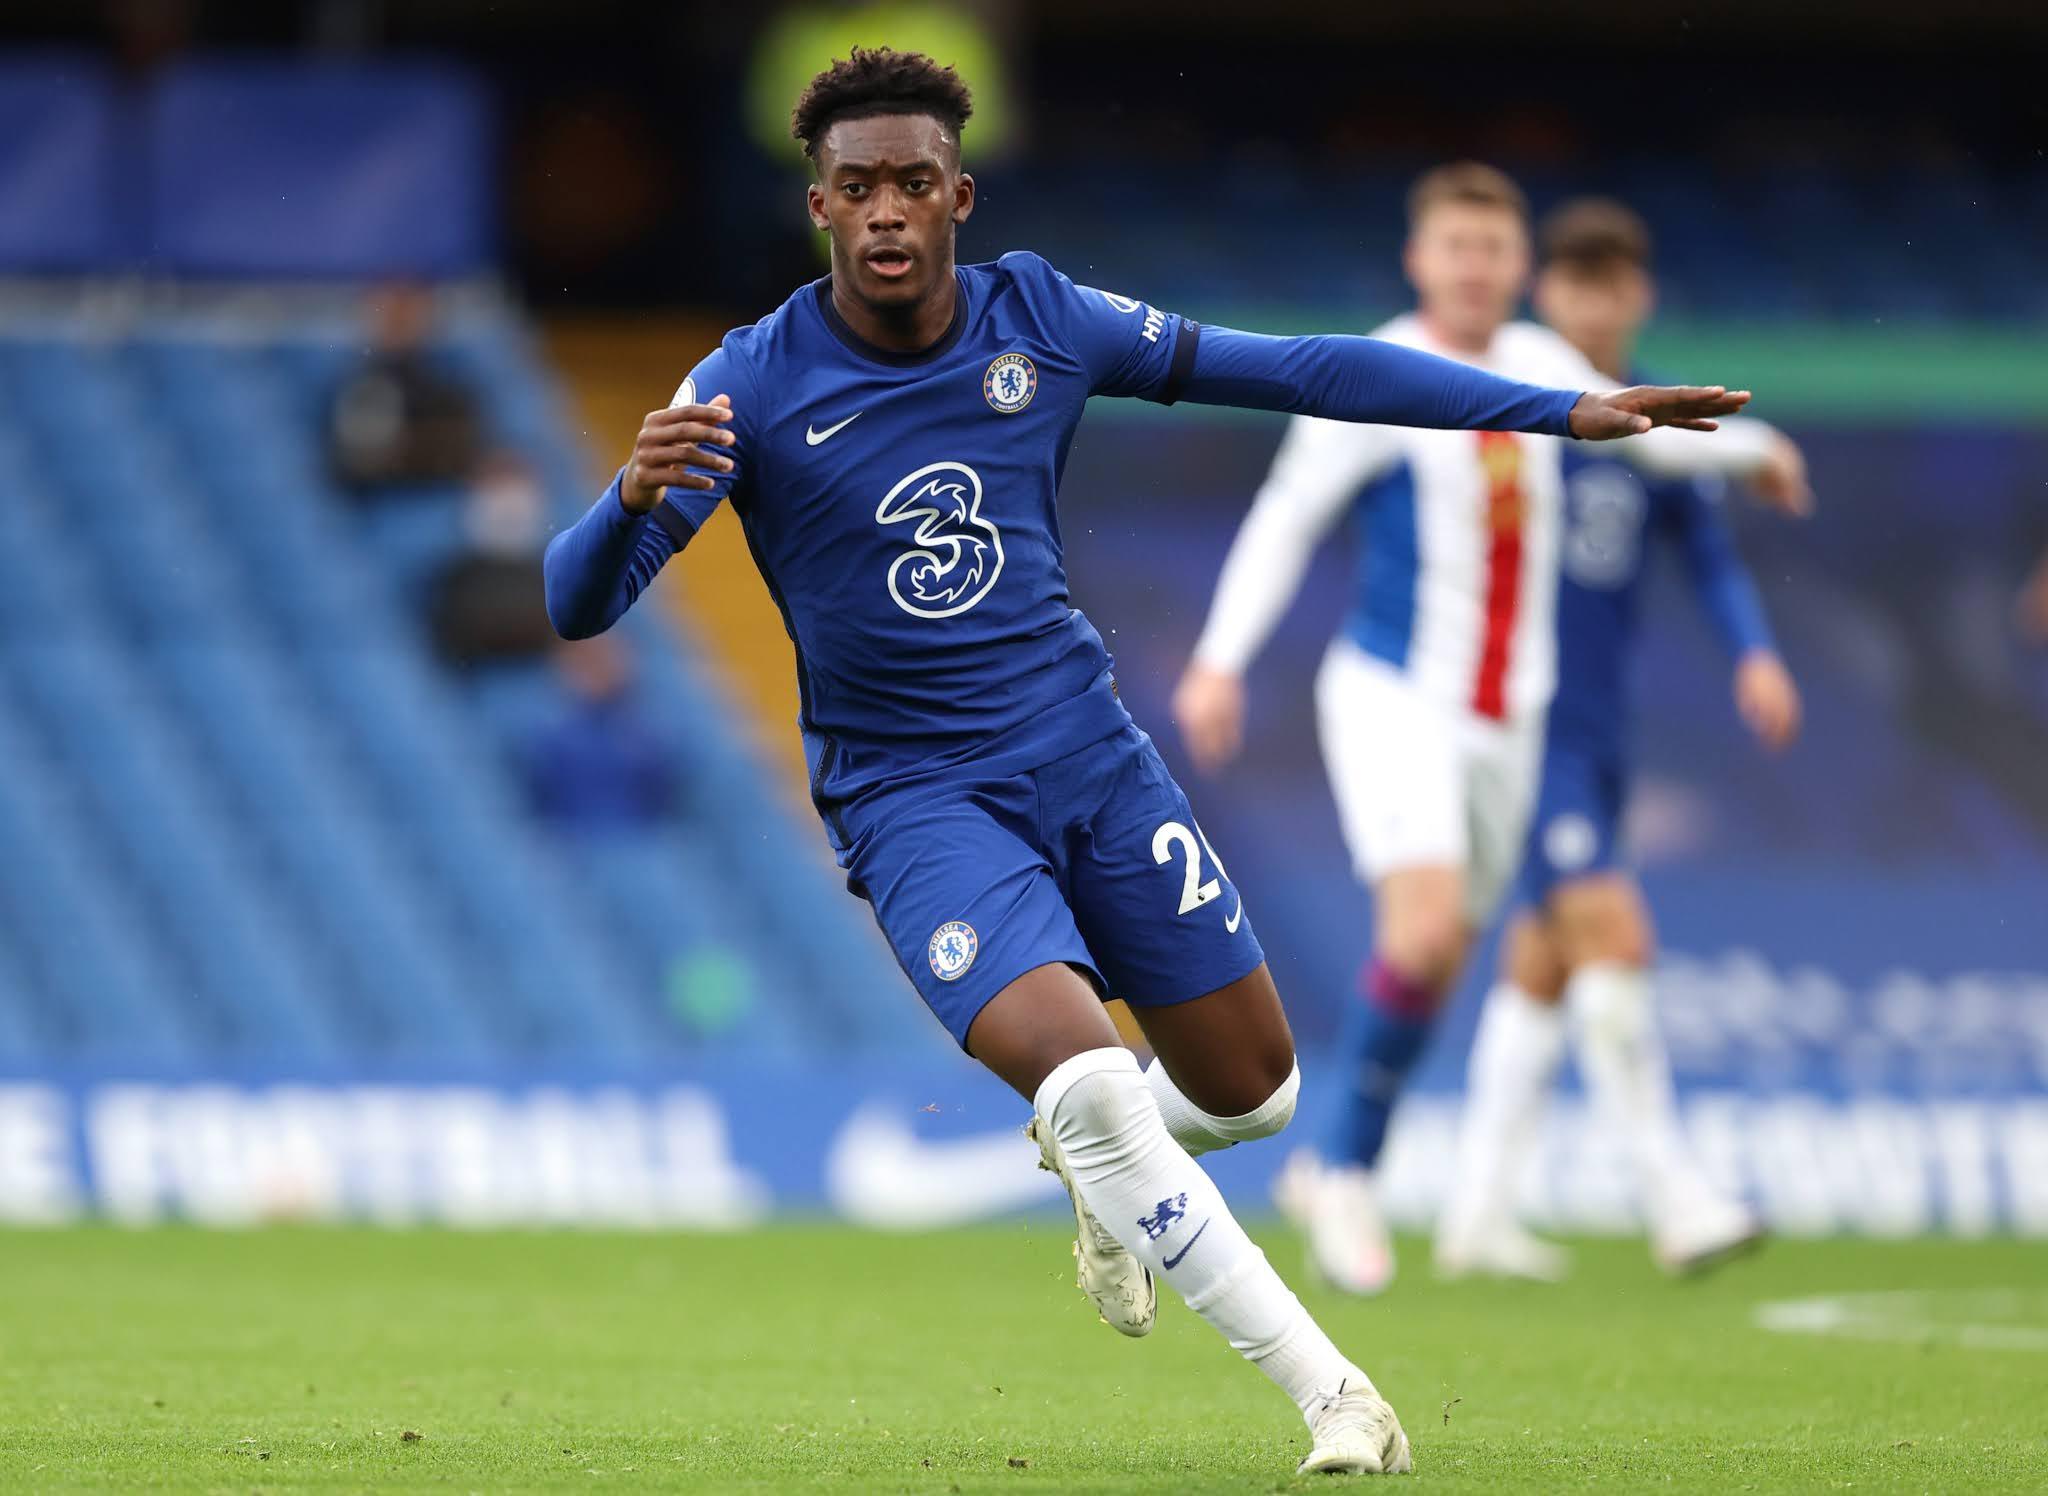 Chelsea's bright younger winger Callum Hudson-Odoi